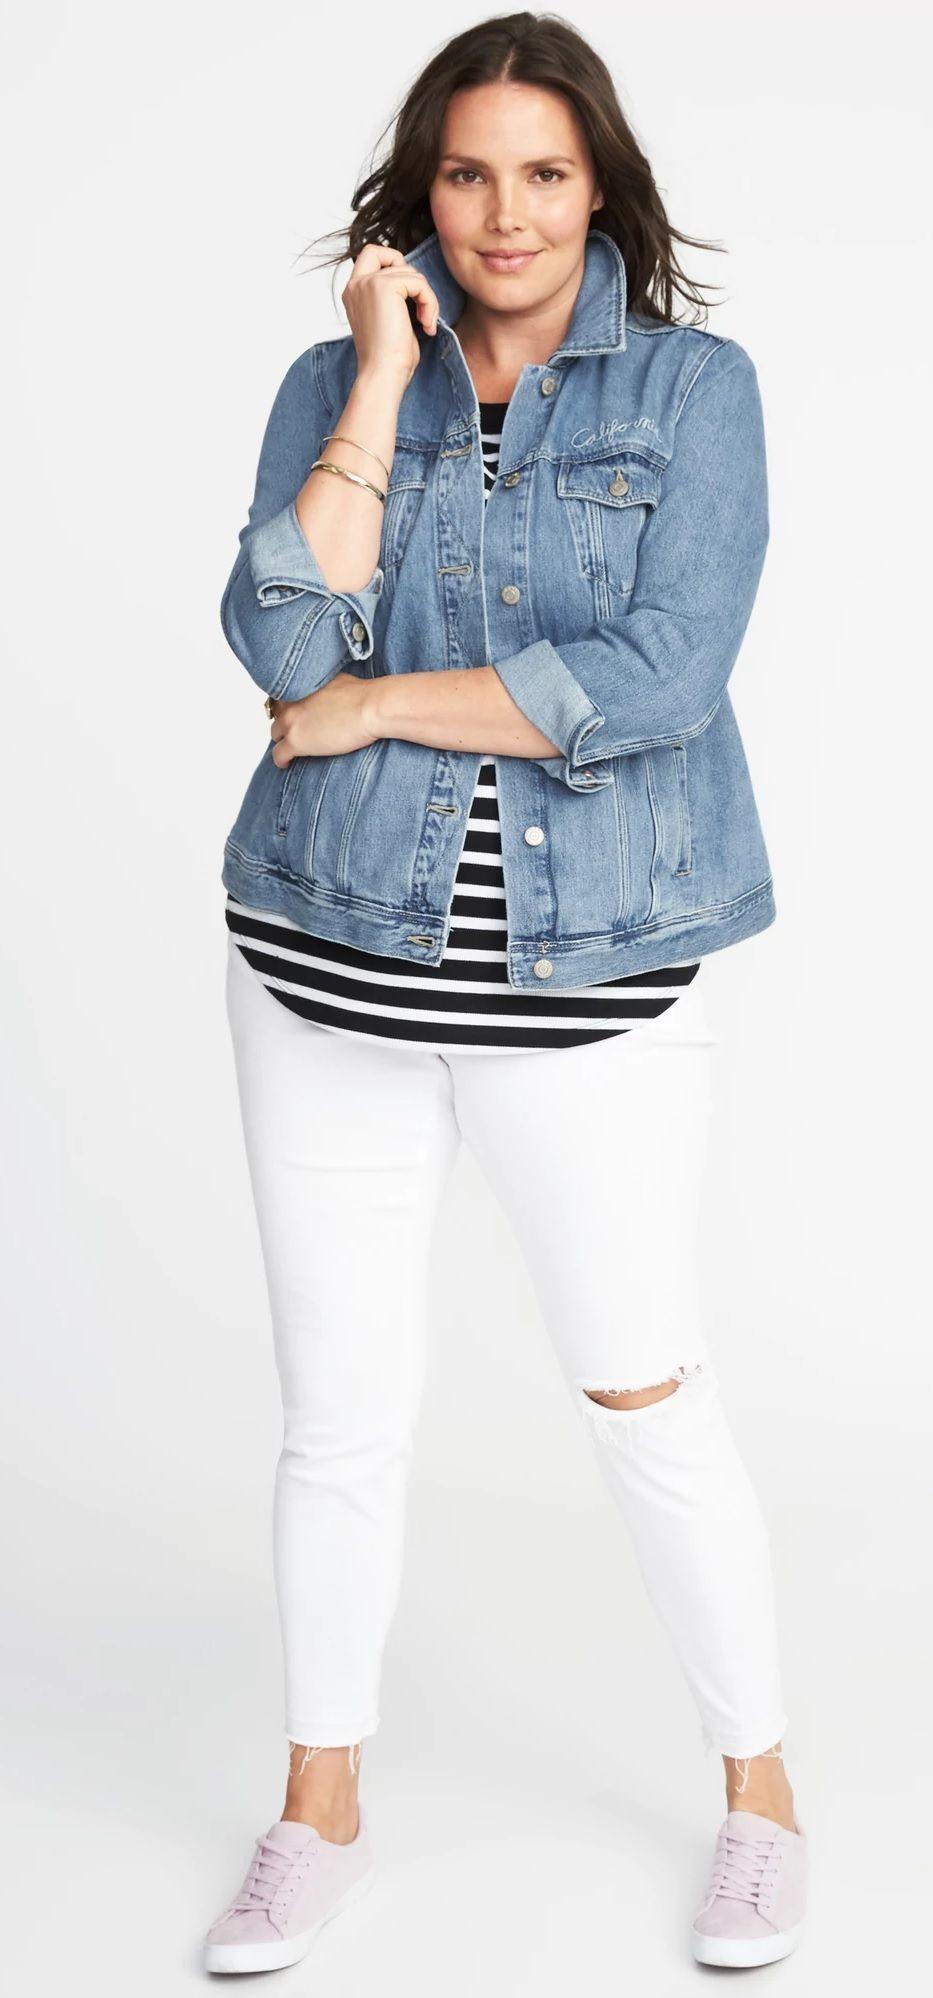 Plus Size Denim Jacket Plussize Plus Size Outfits Plus Size Fashion Plus Size Fashion For Women [ 1998 x 933 Pixel ]